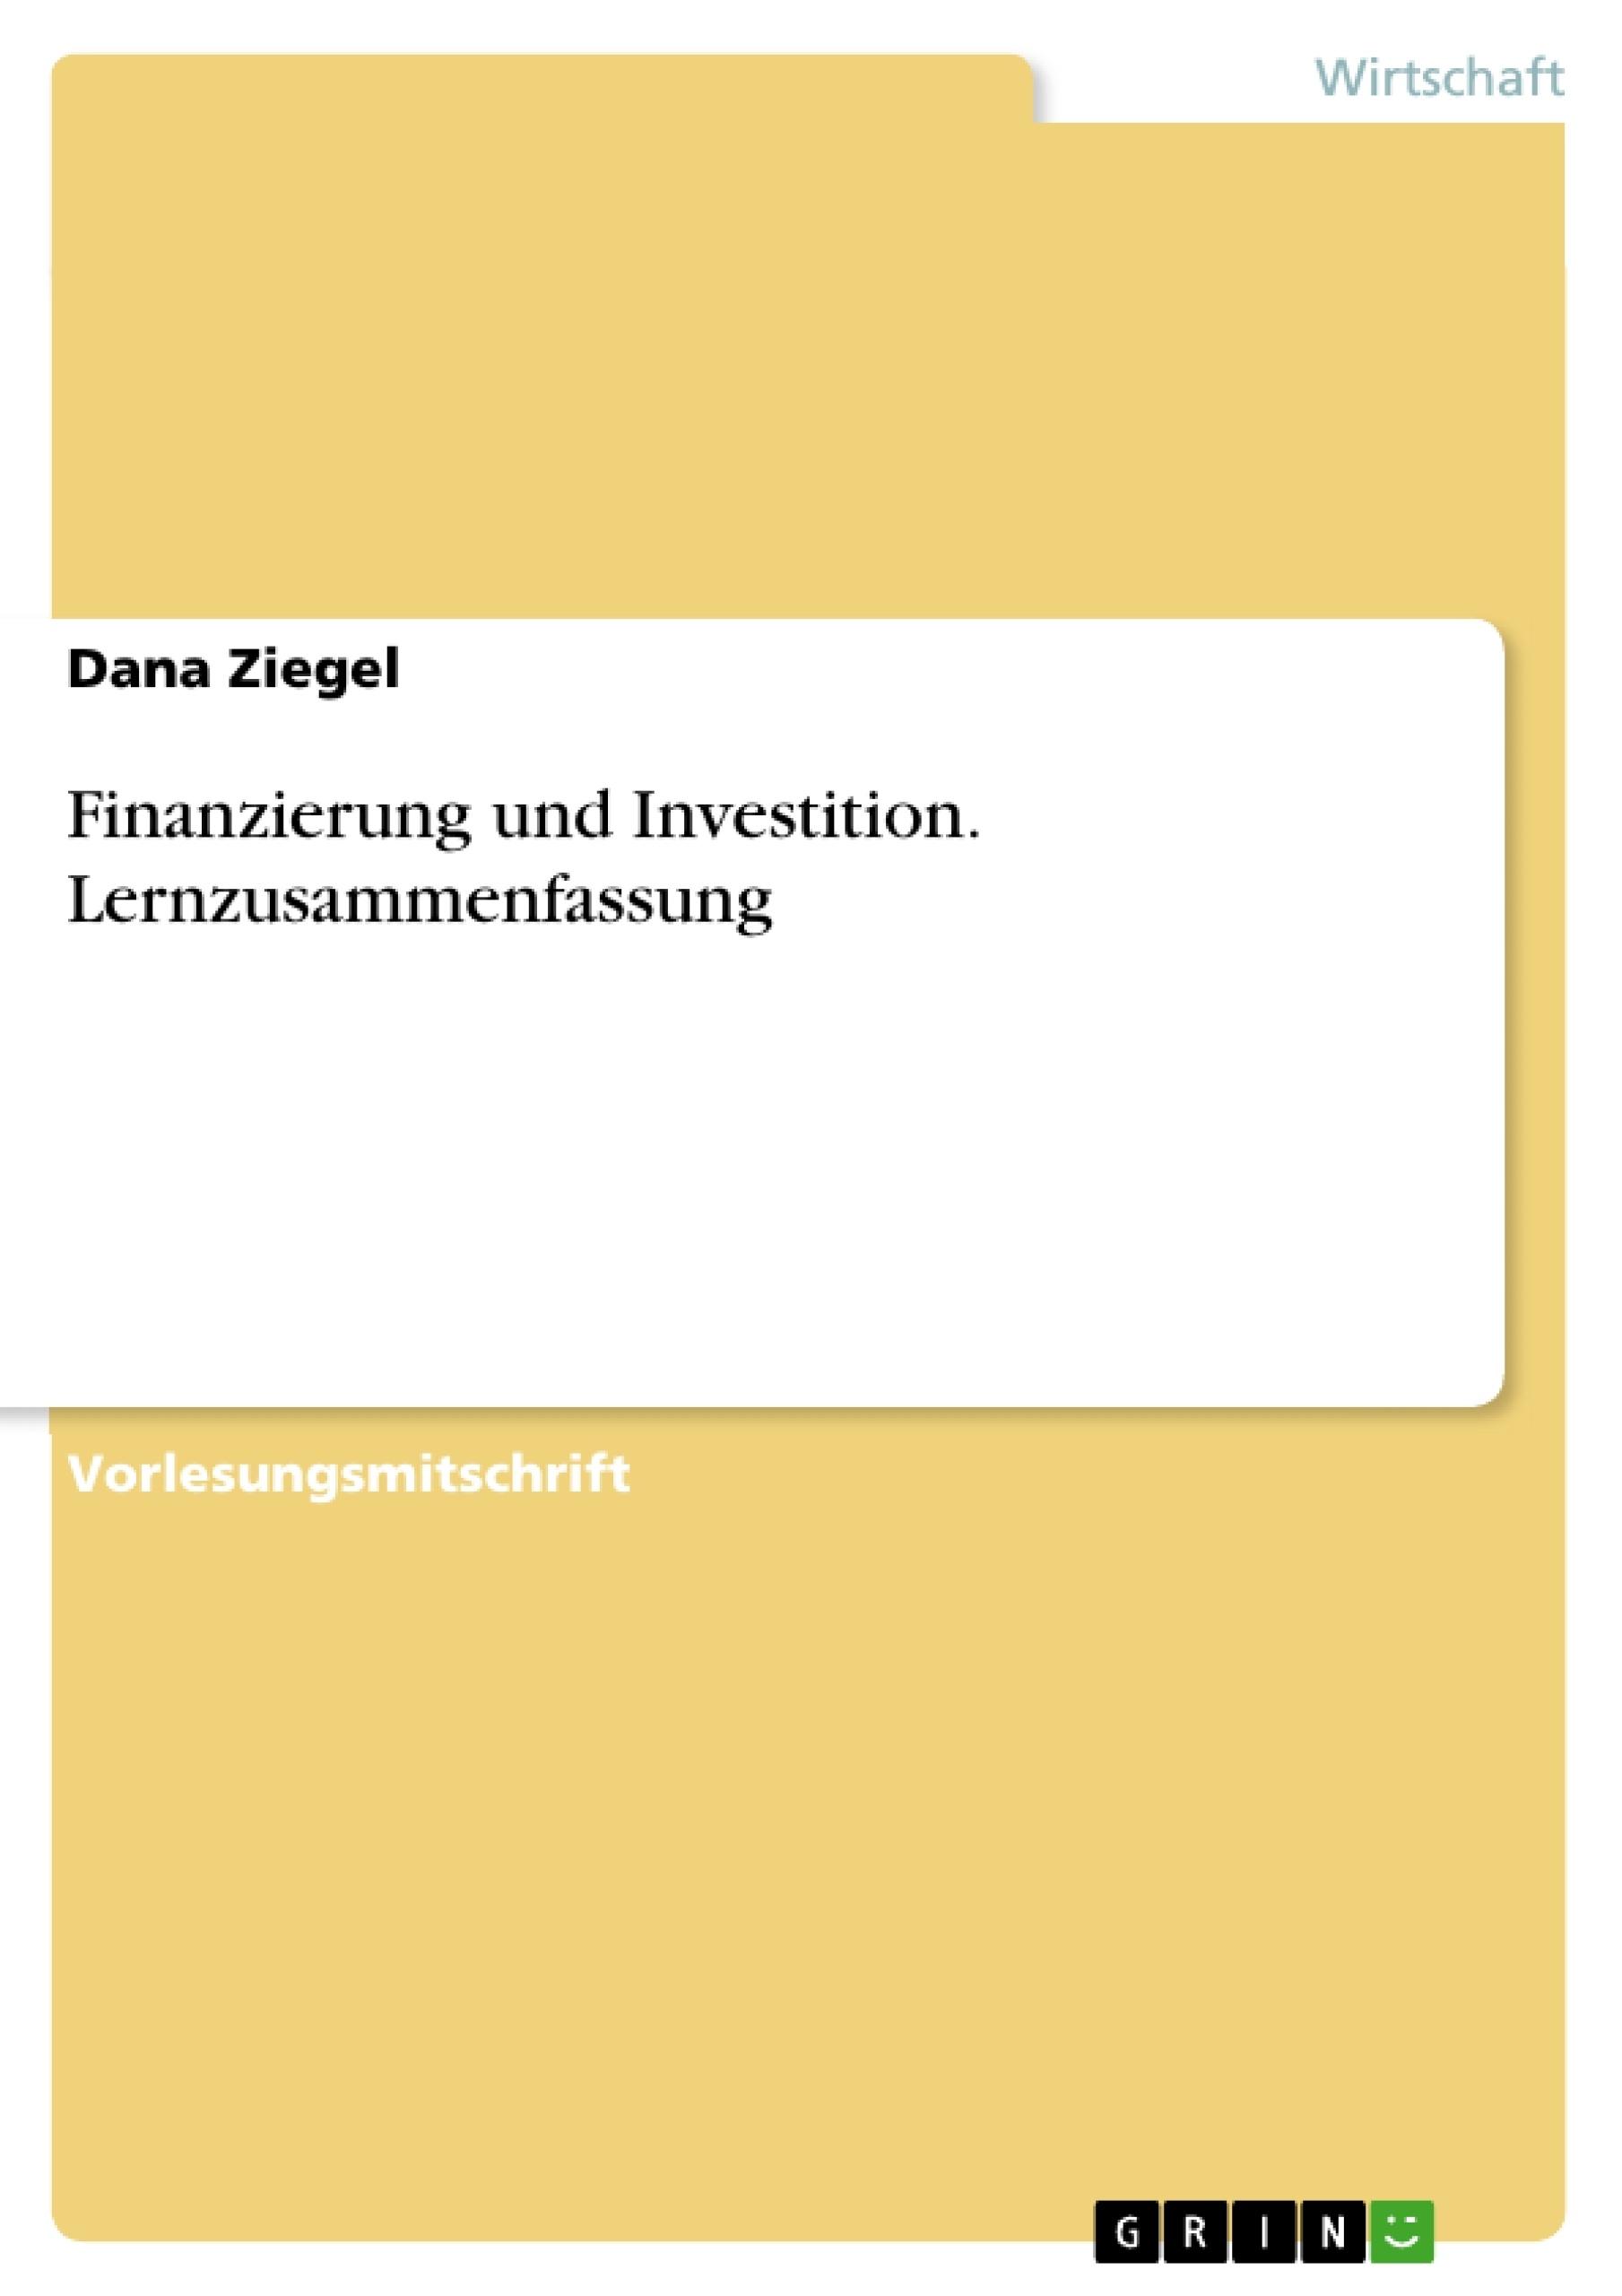 Titel: Finanzierung und Investition. Lernzusammenfassung